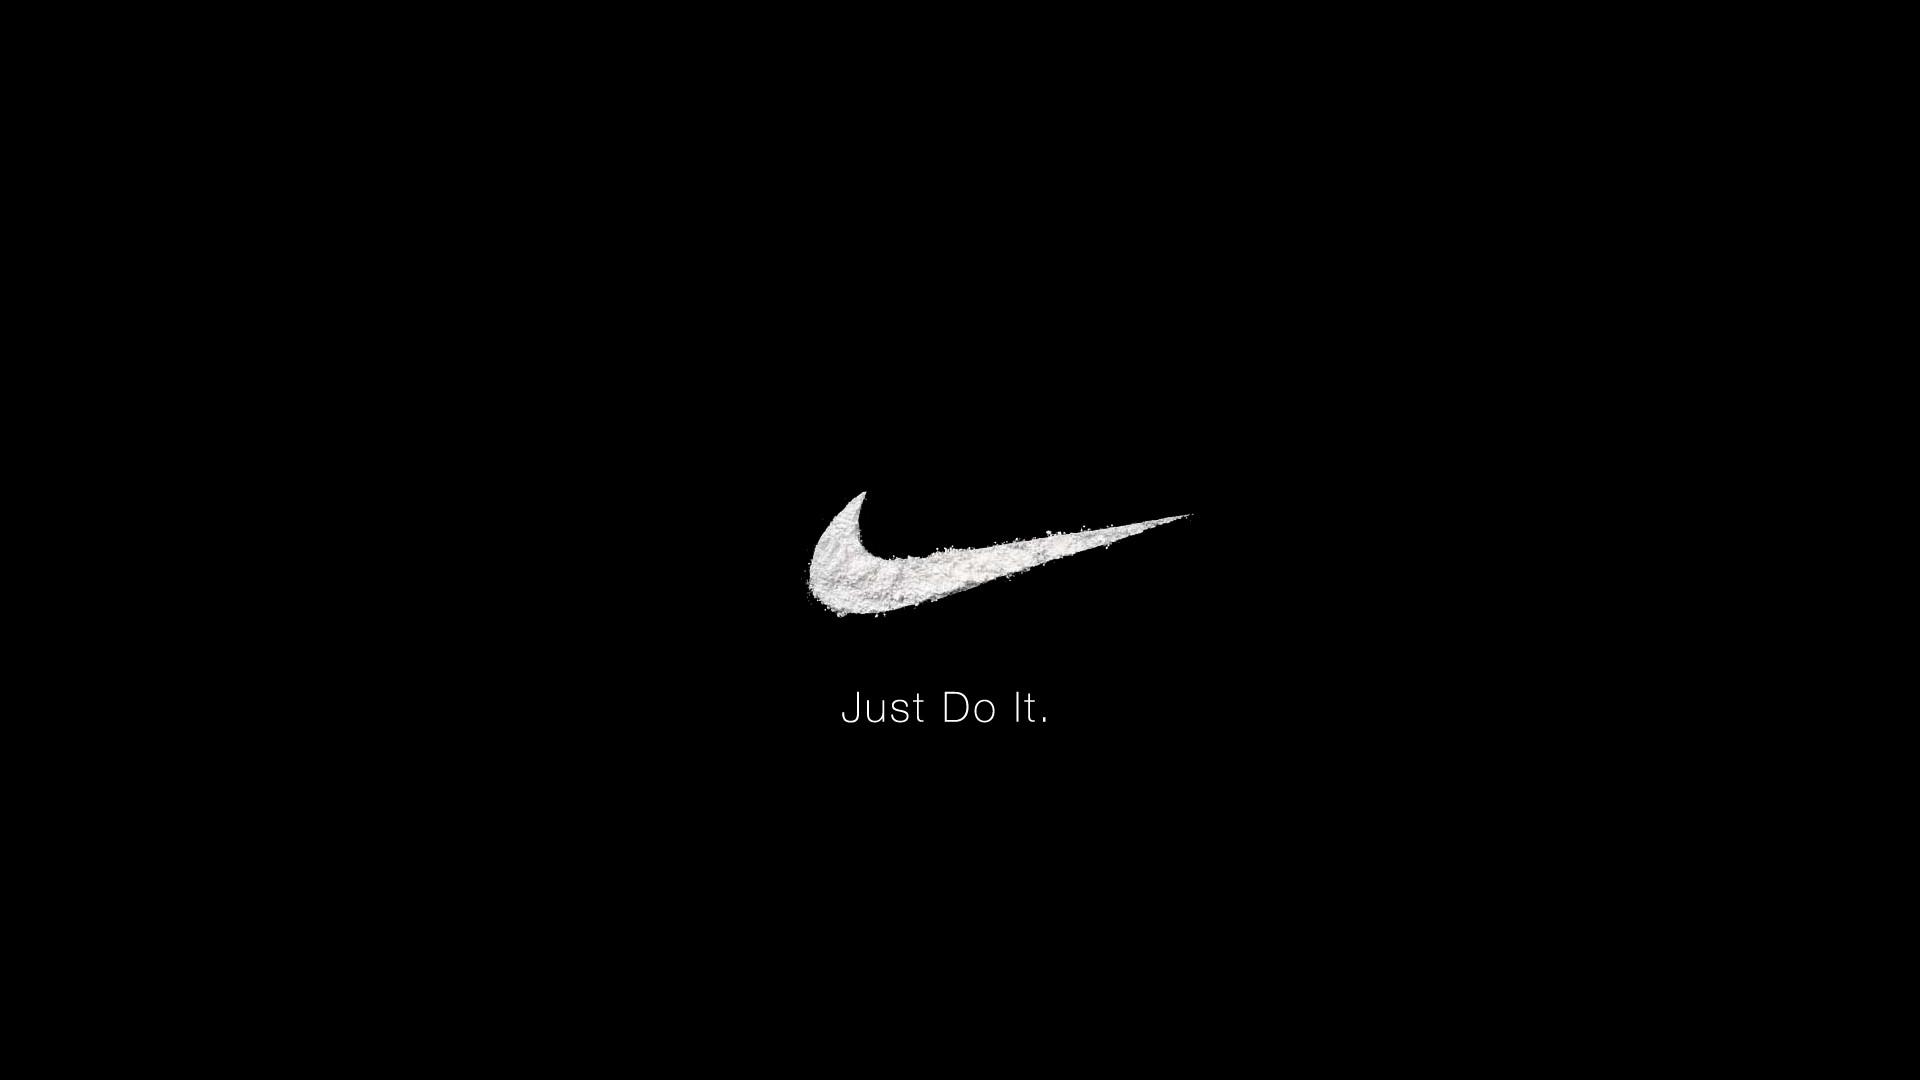 Cool Nike Logos Just Do It Justice nike slogan logos just 1920x1080